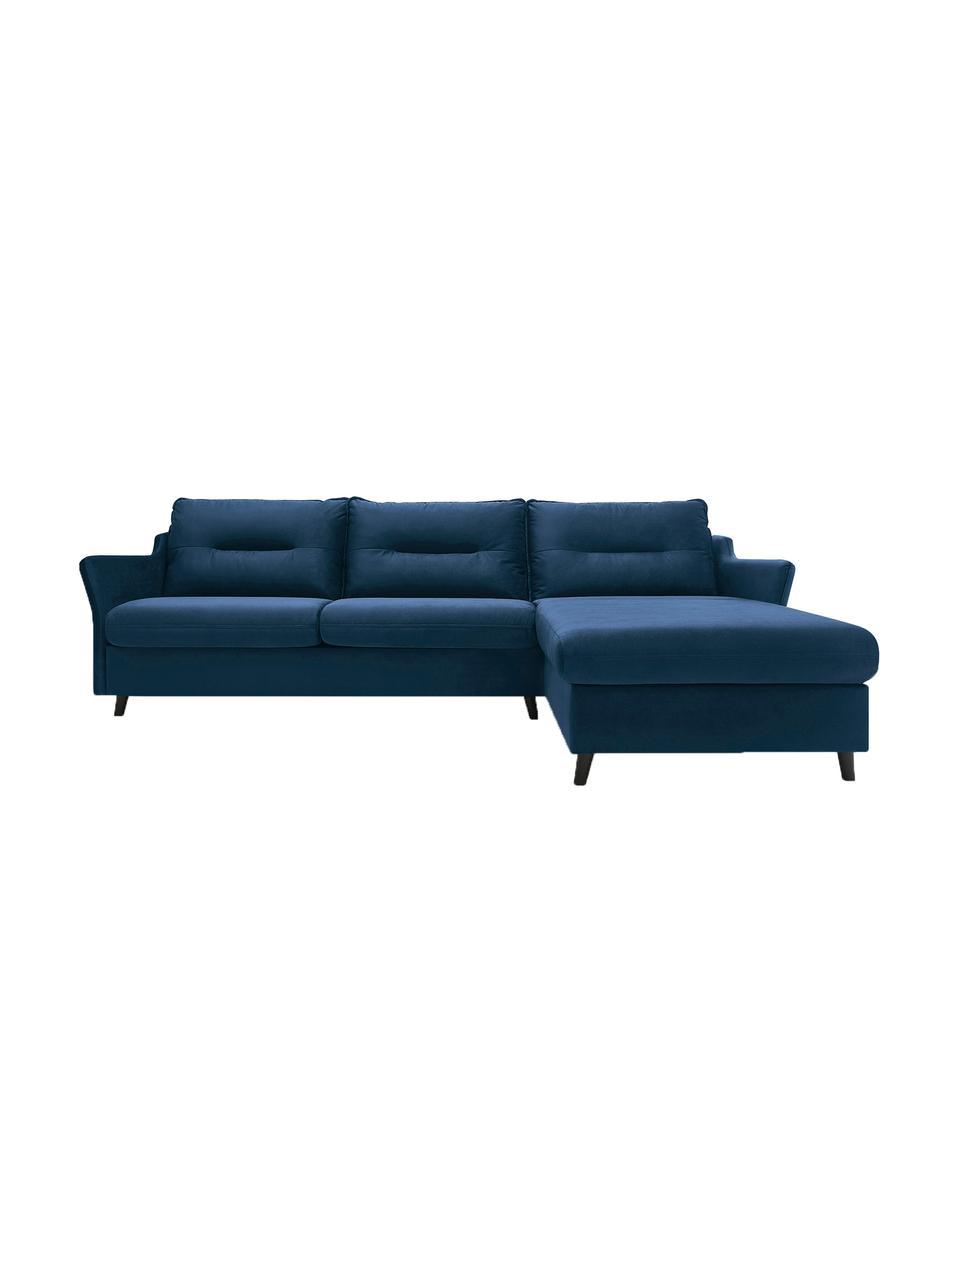 Sofa narożna z aksamitu z funkcją spania Loft, Tapicerka: 100% aksamit poliestrowy, Nogi: metal lakierowany, Granatowy, S 275 x G 181 cm